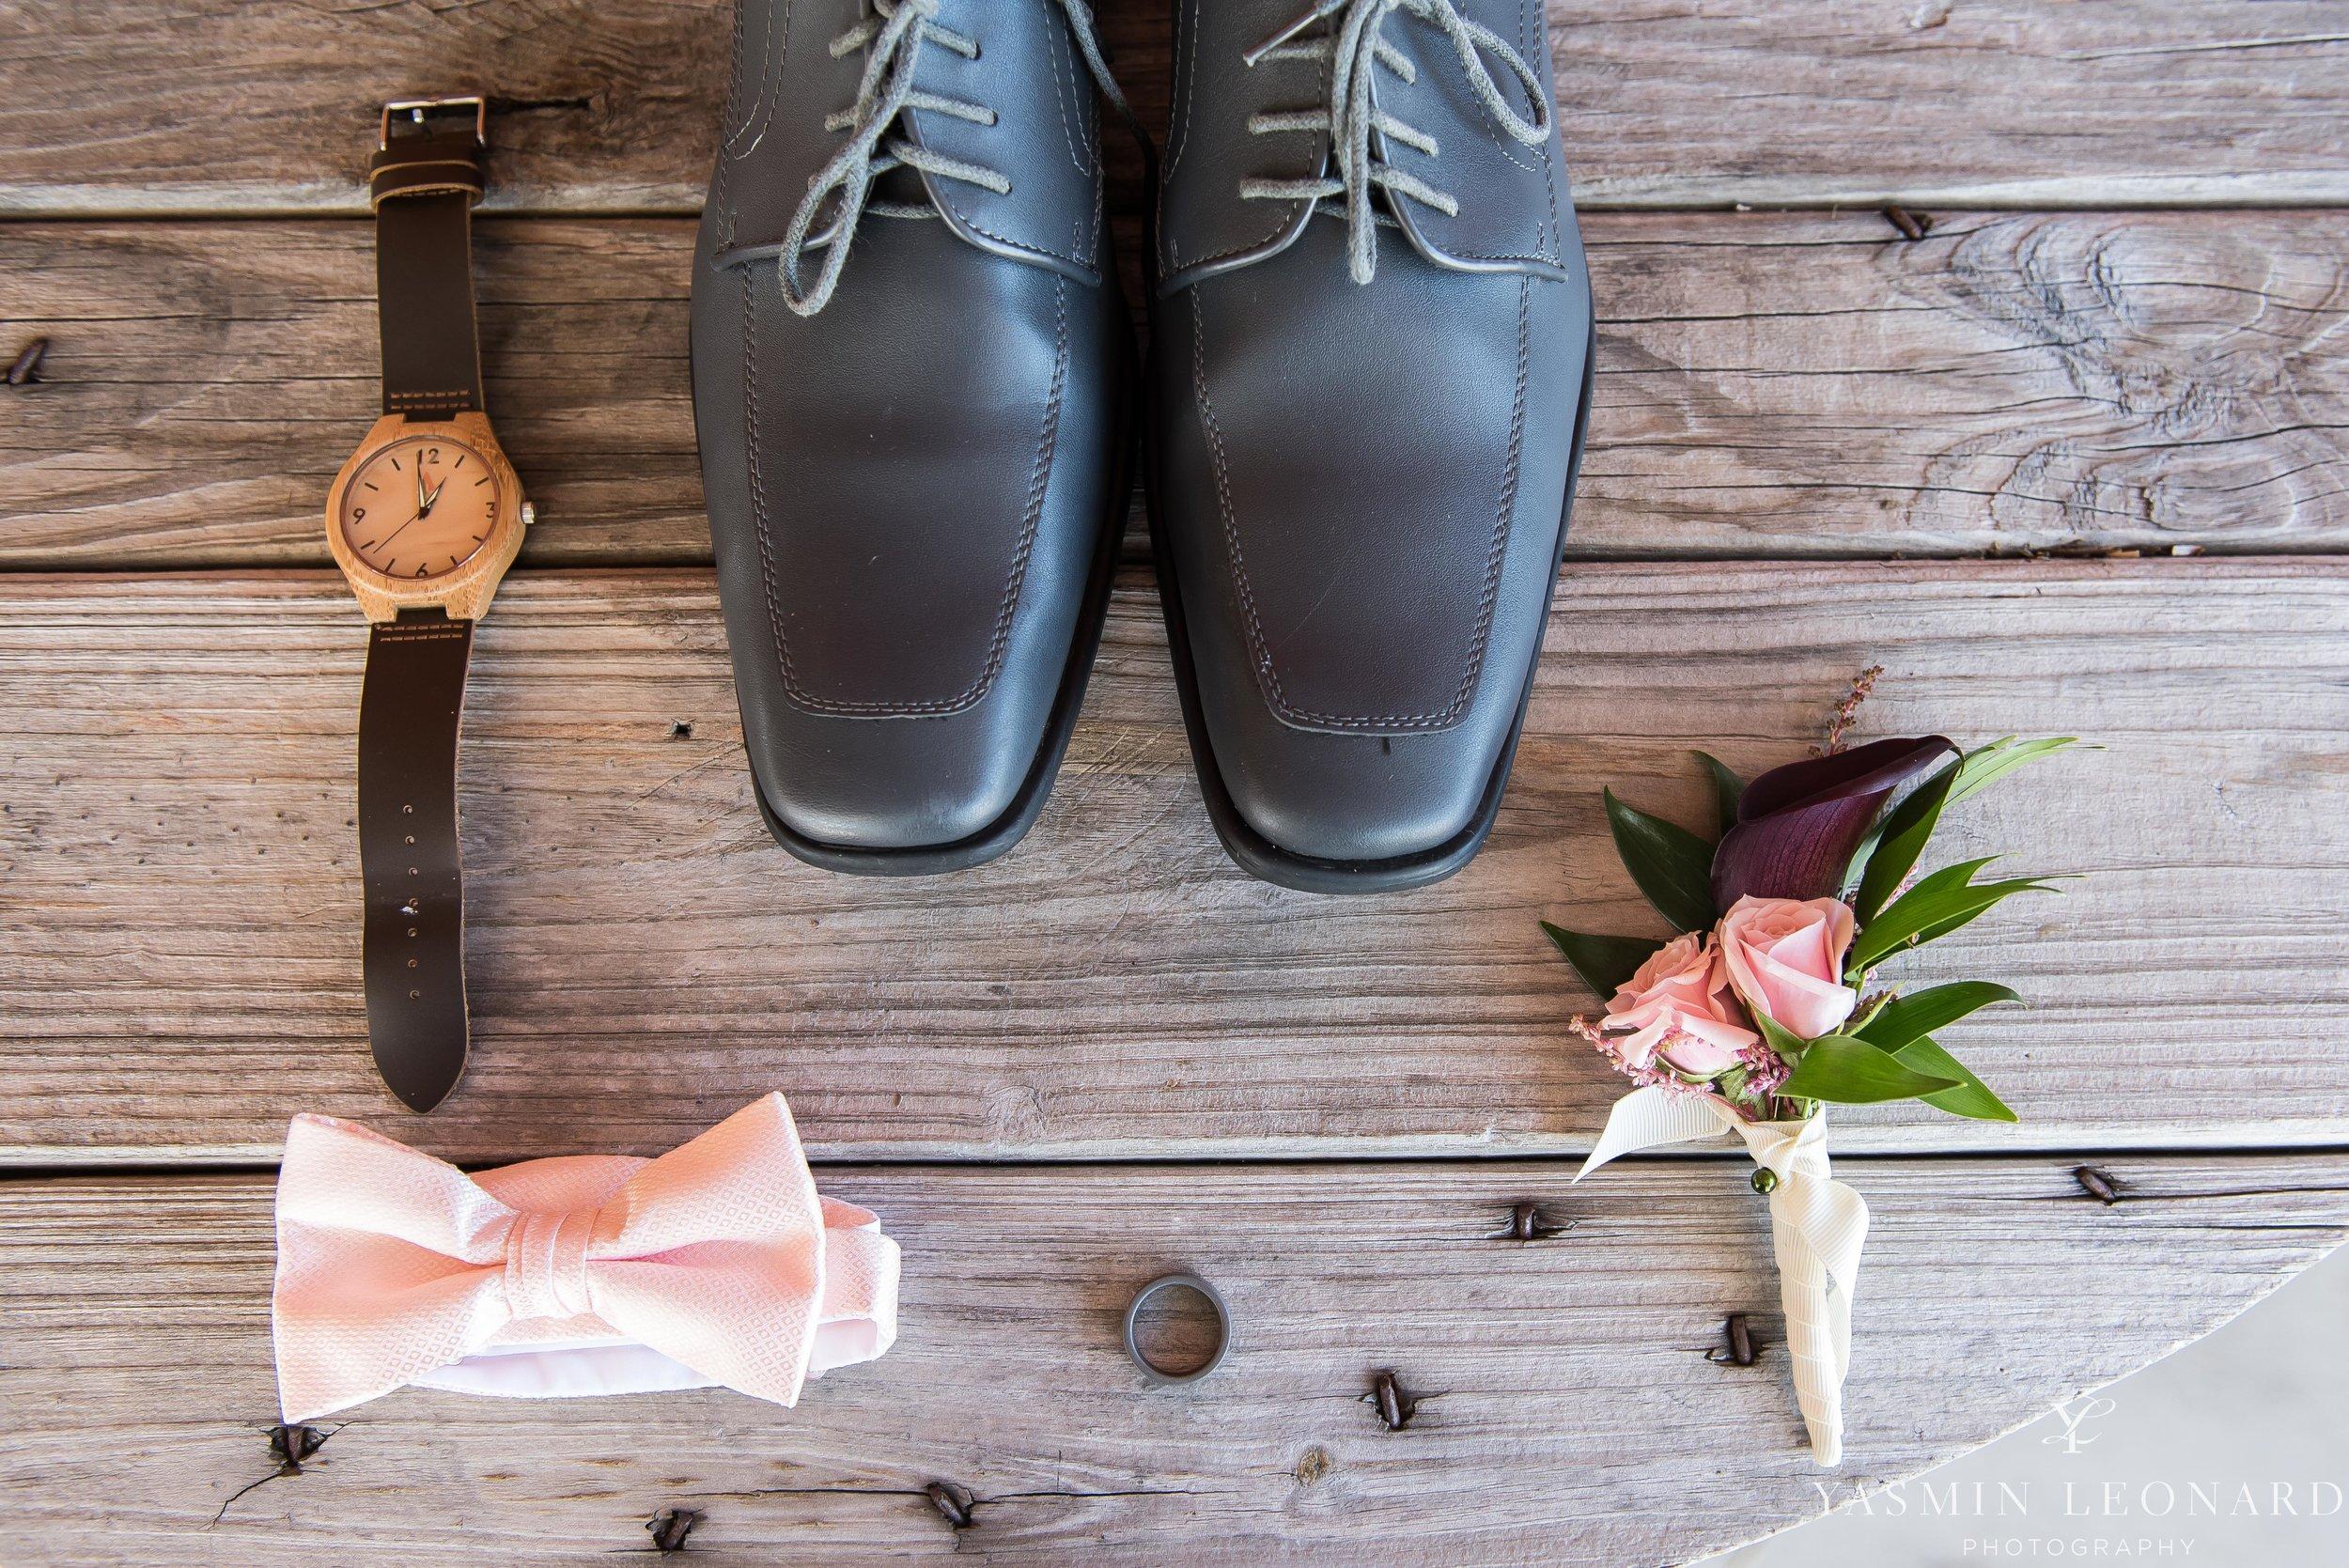 Millikan Farms - Millikan Farms Wedding - Sophia NC Wedding - NC Wedding - NC Wedding Photographer - Yasmin Leonard Photography - High Point Photographer - Barn Wedding - Wedding Venues in NC - Triad Wedding Photographer-5.jpg